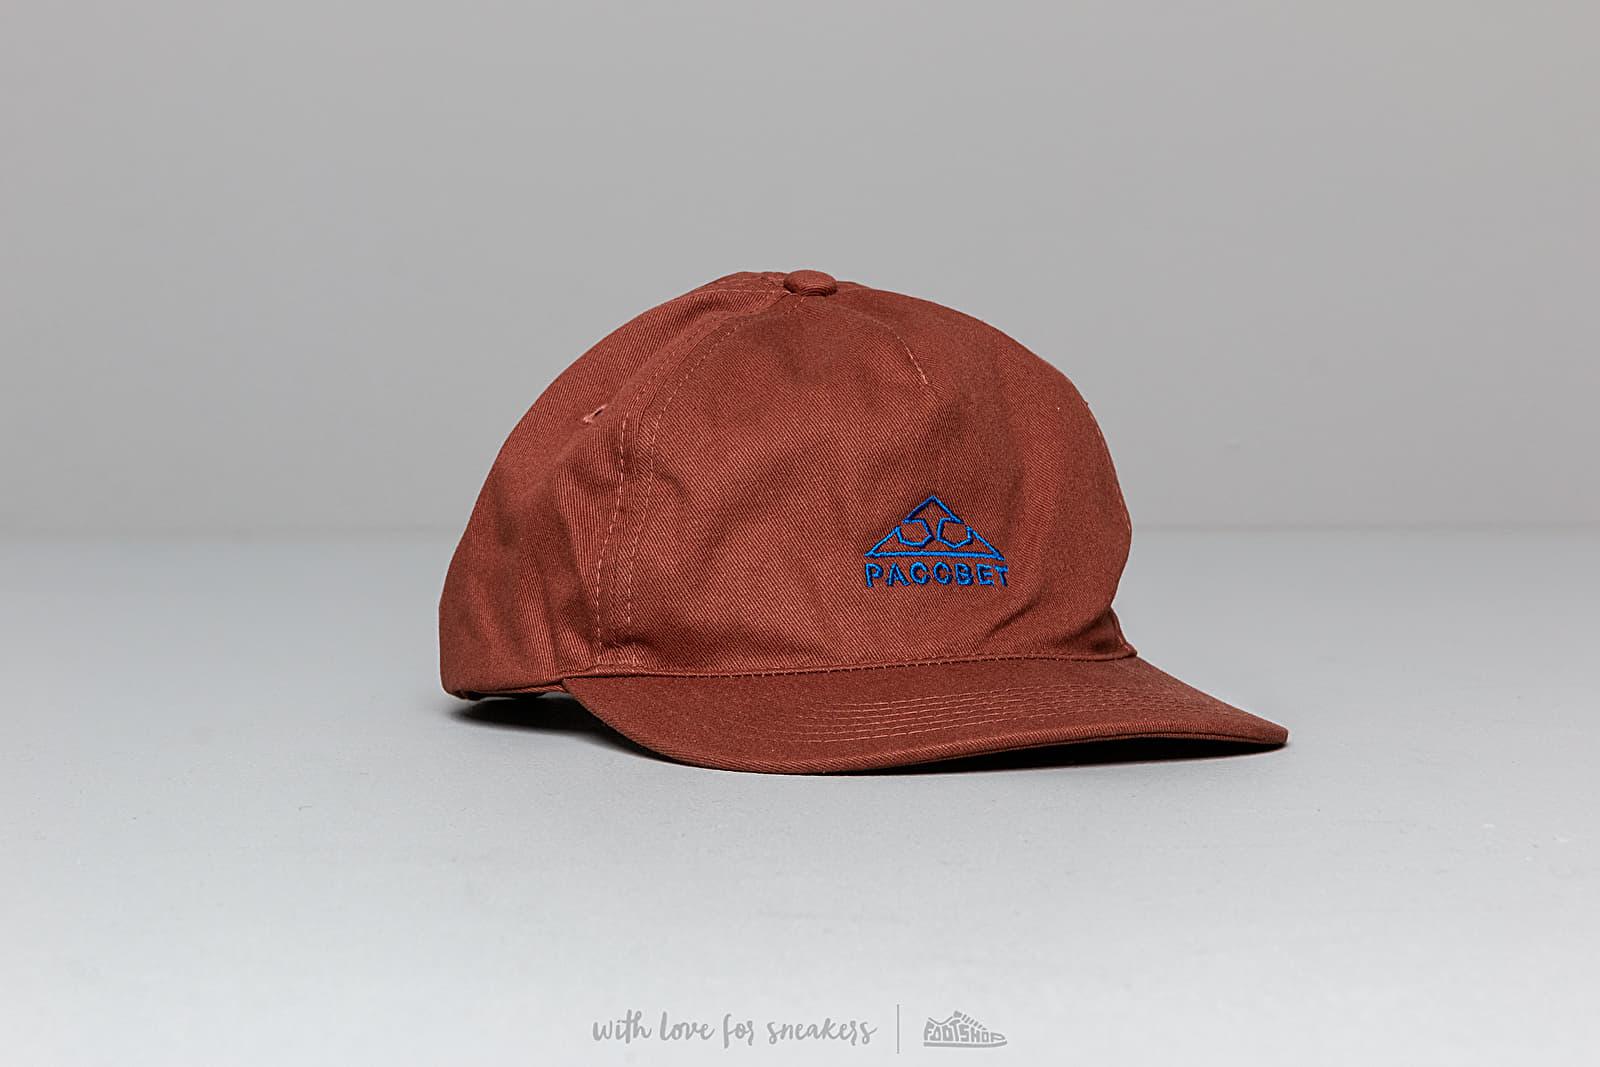 PACCBET Main Cap